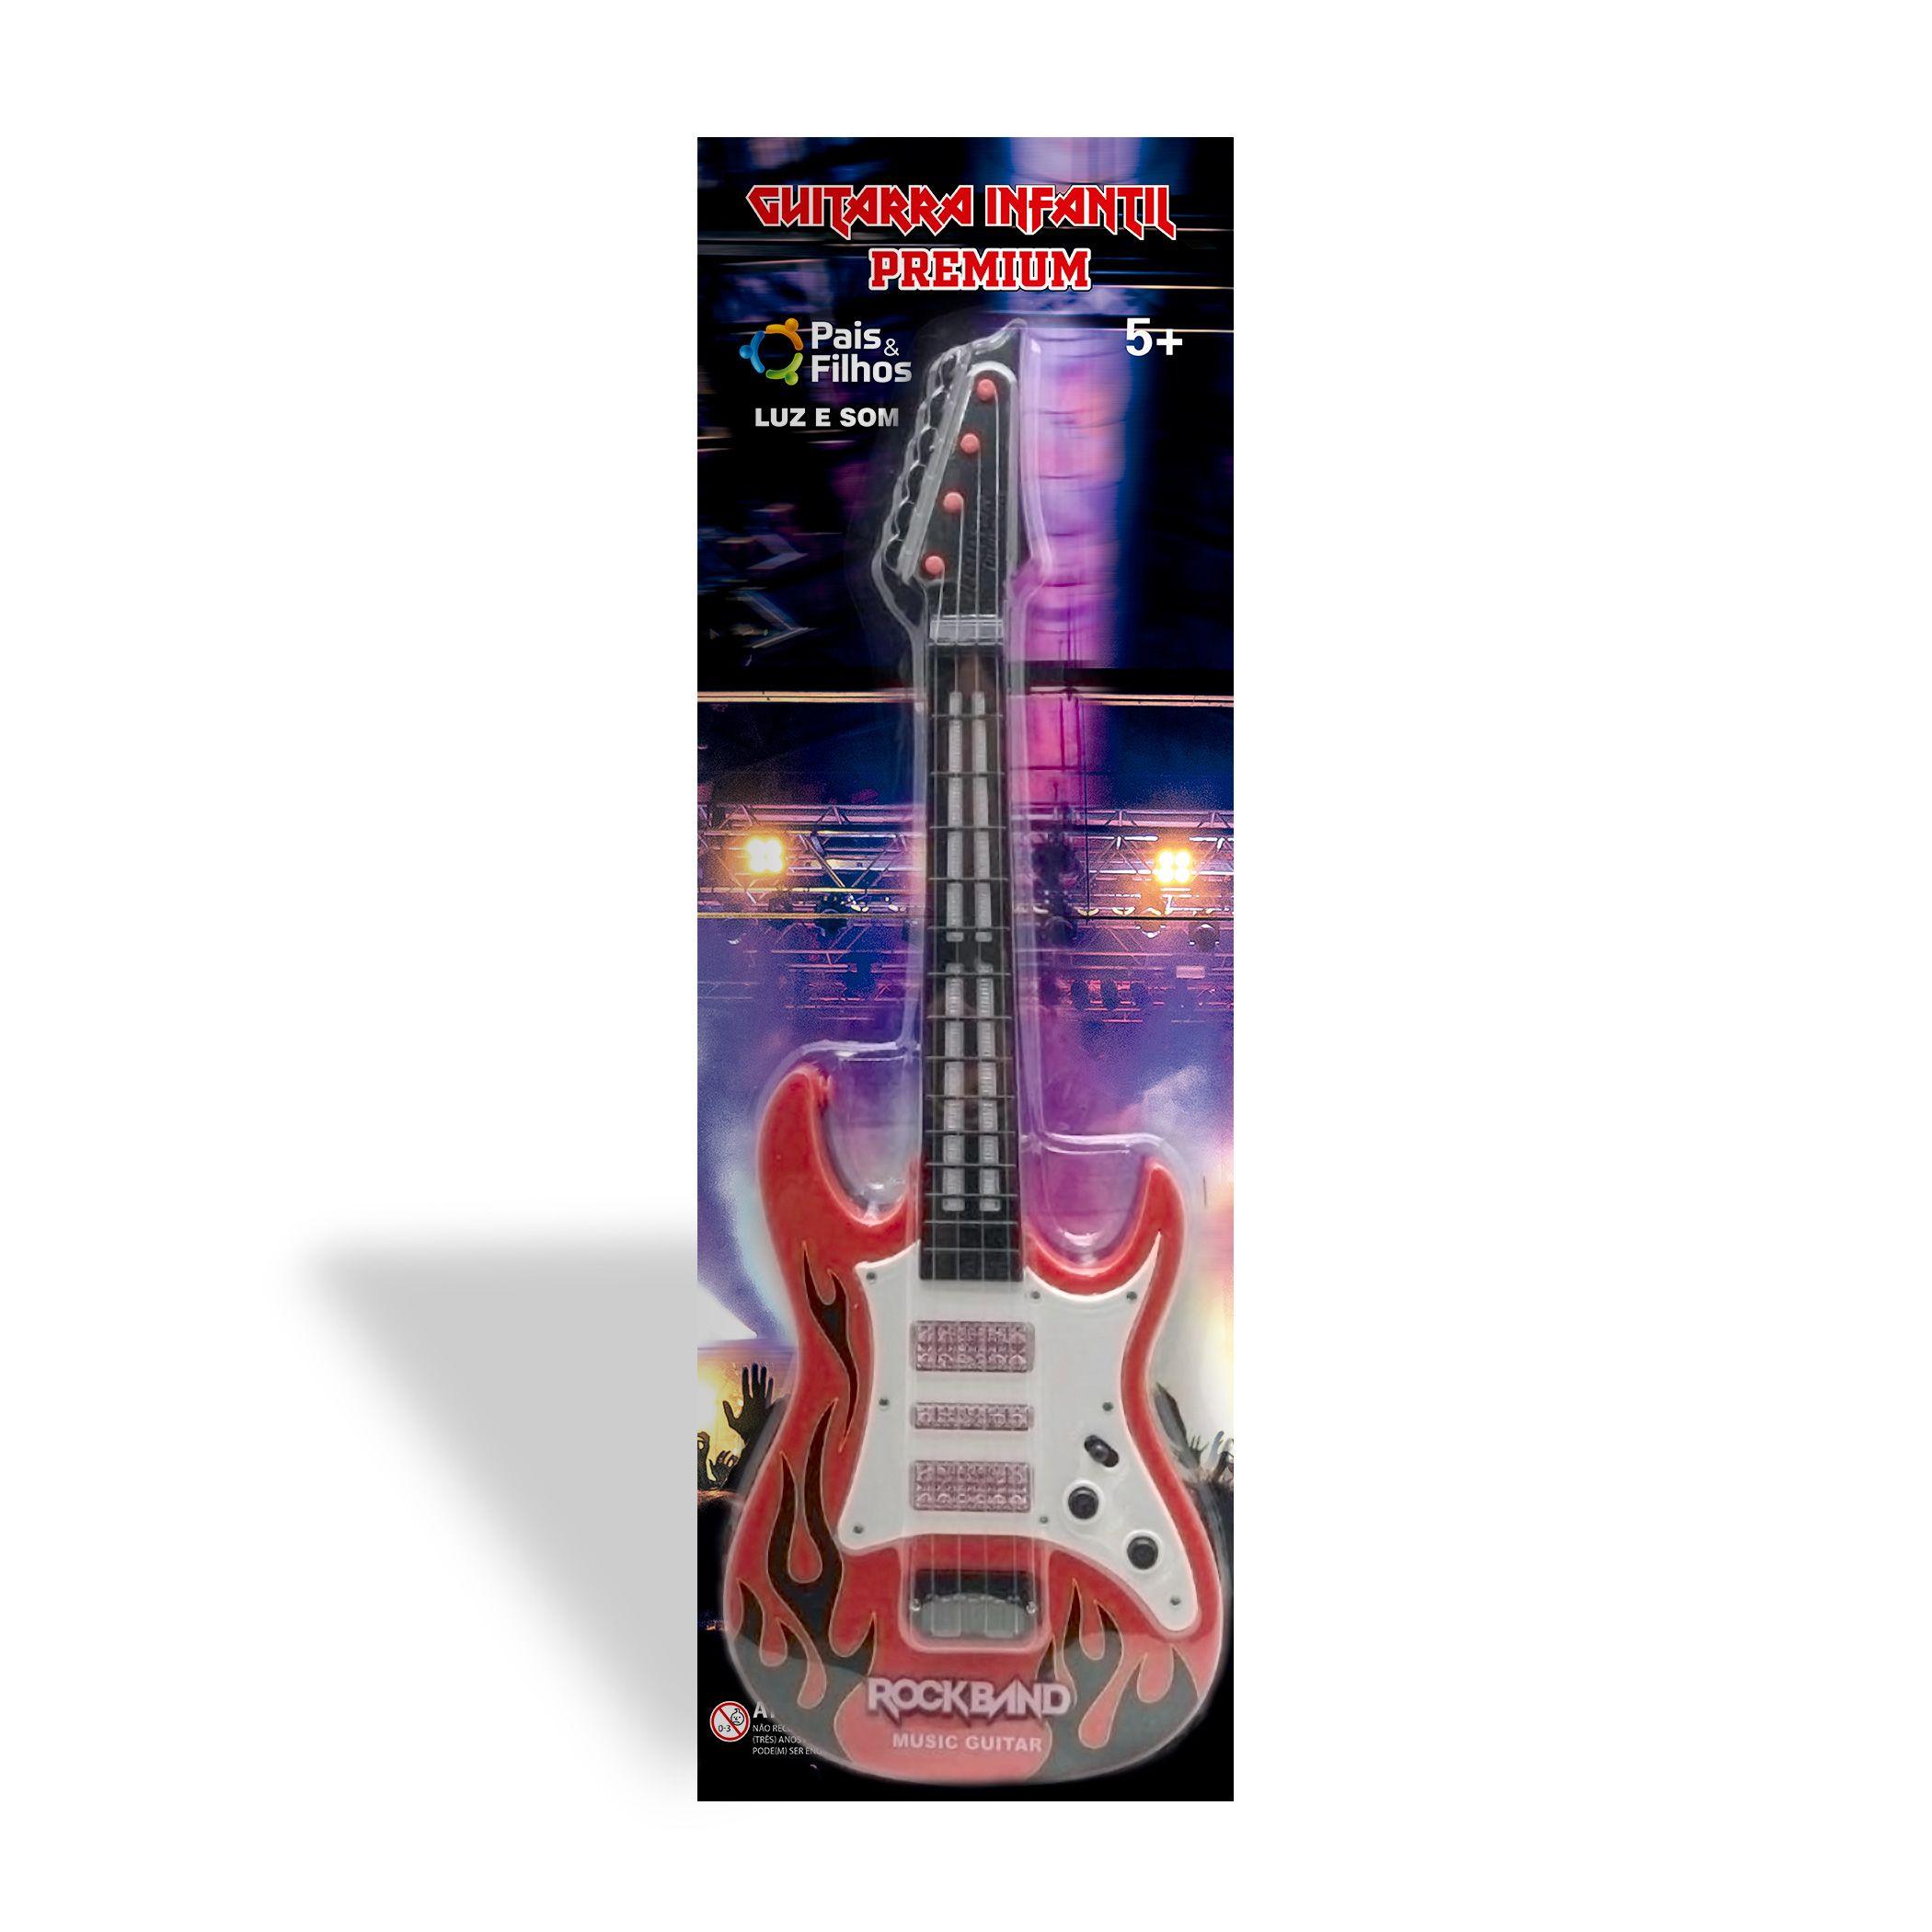 Guitarra Infantil Premium-17331